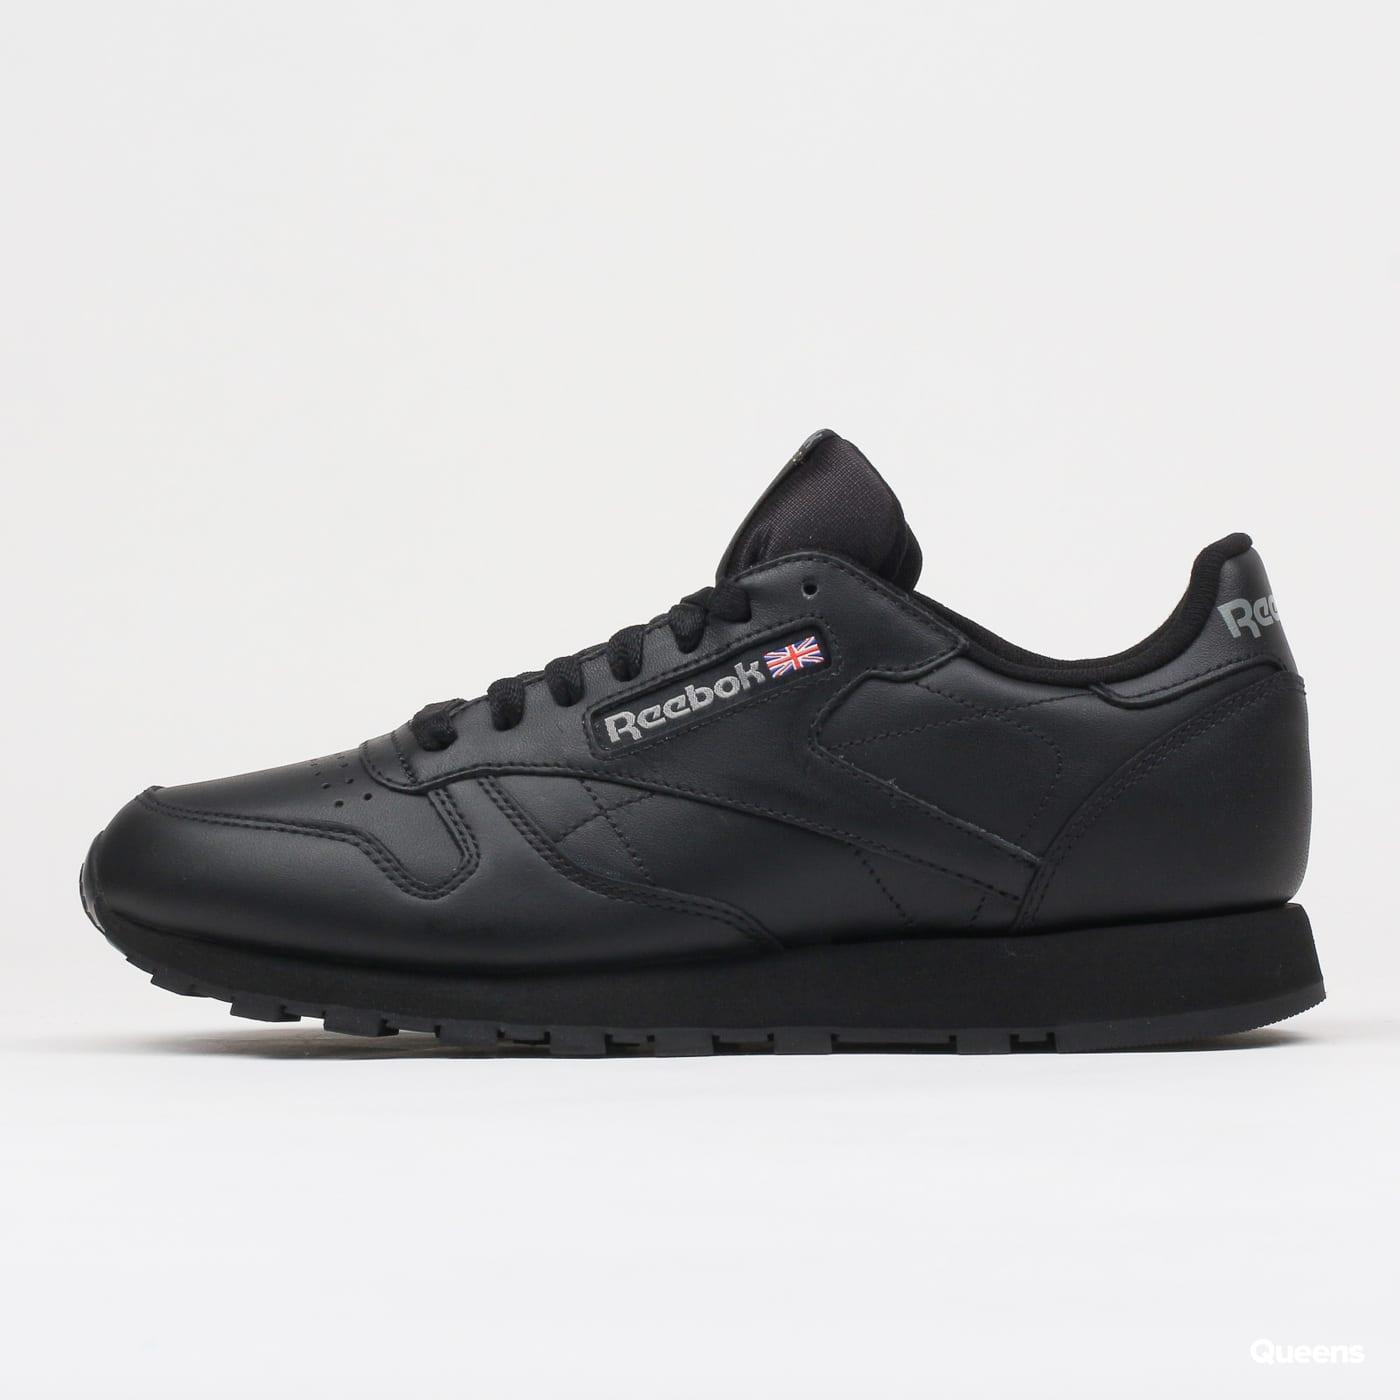 Reebok Classic Leather schwarz